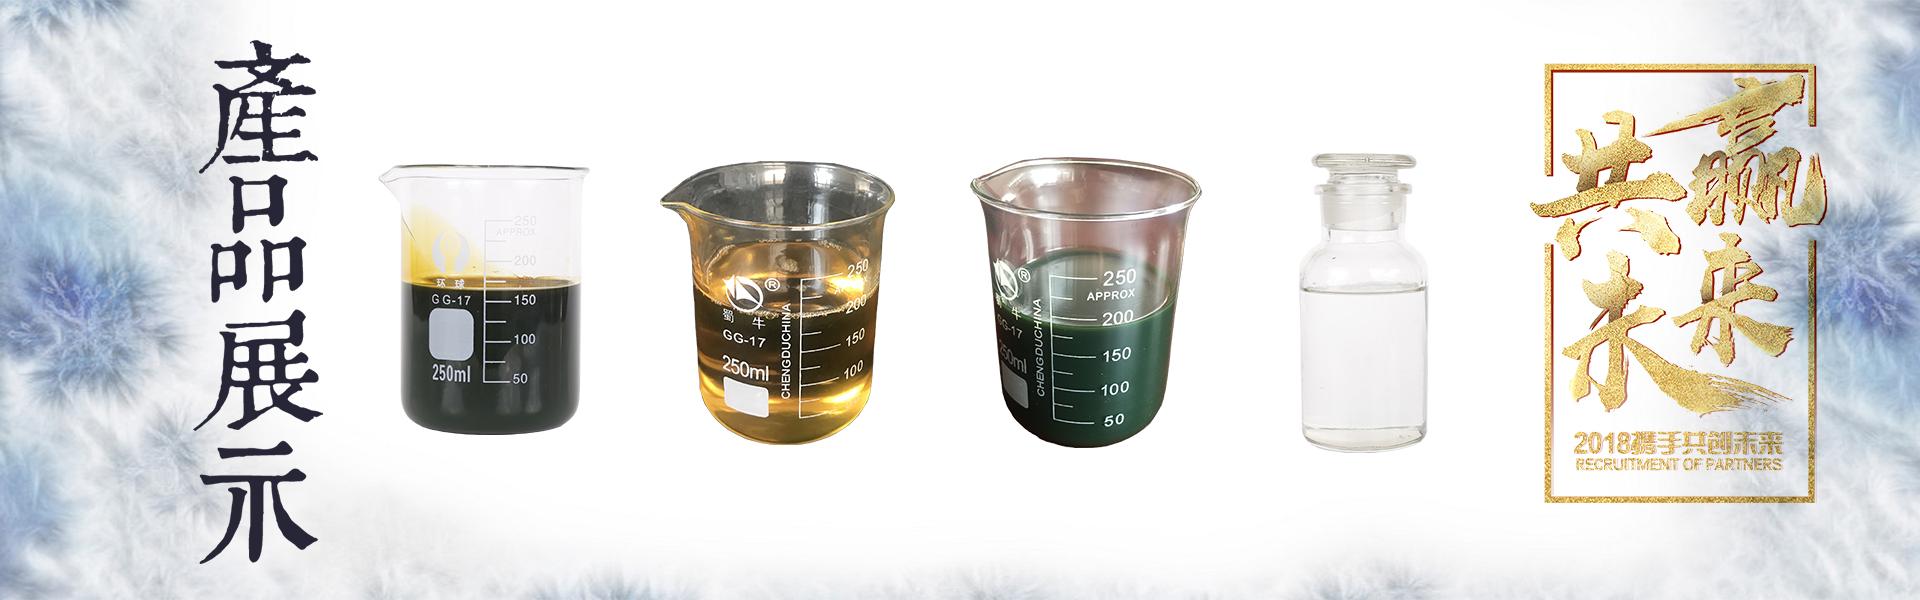 氯化石蜡的作用及用途的介绍推...